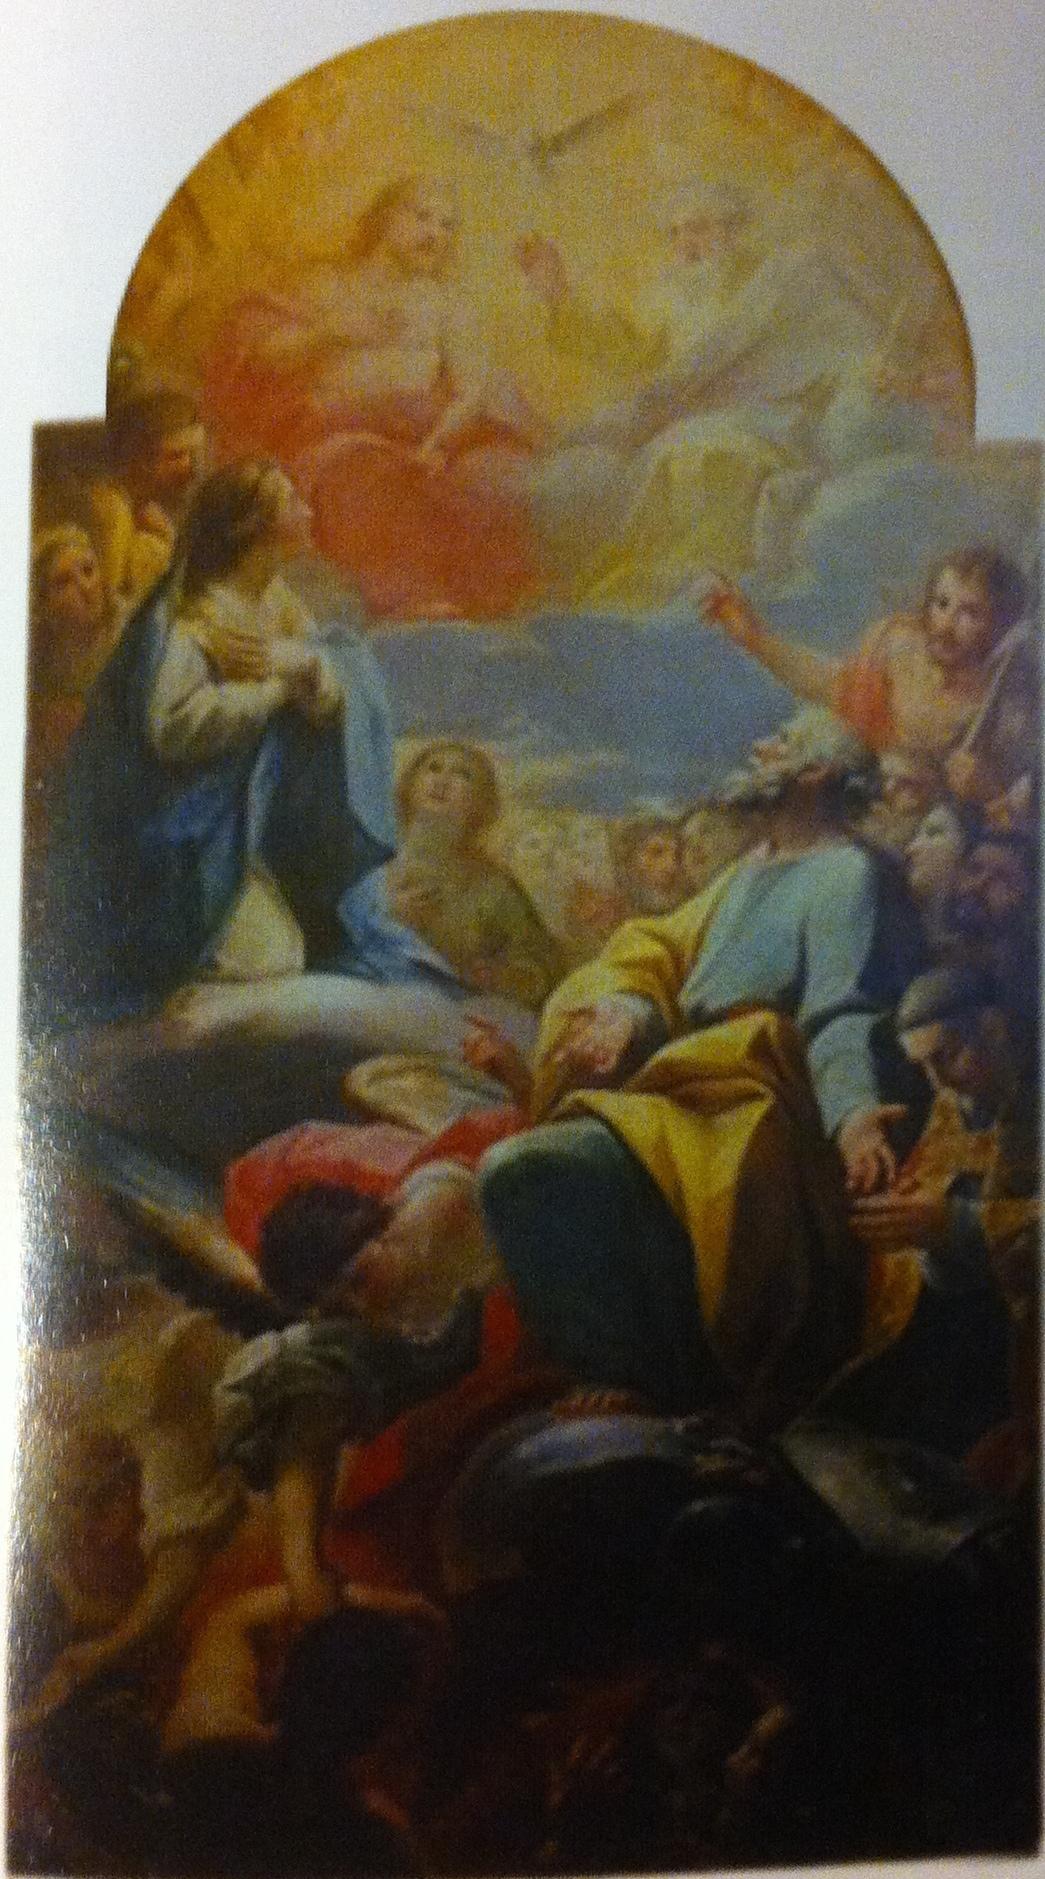 Historias olvidadas: Un Goya que resultó Maella y convulsionó al Prado